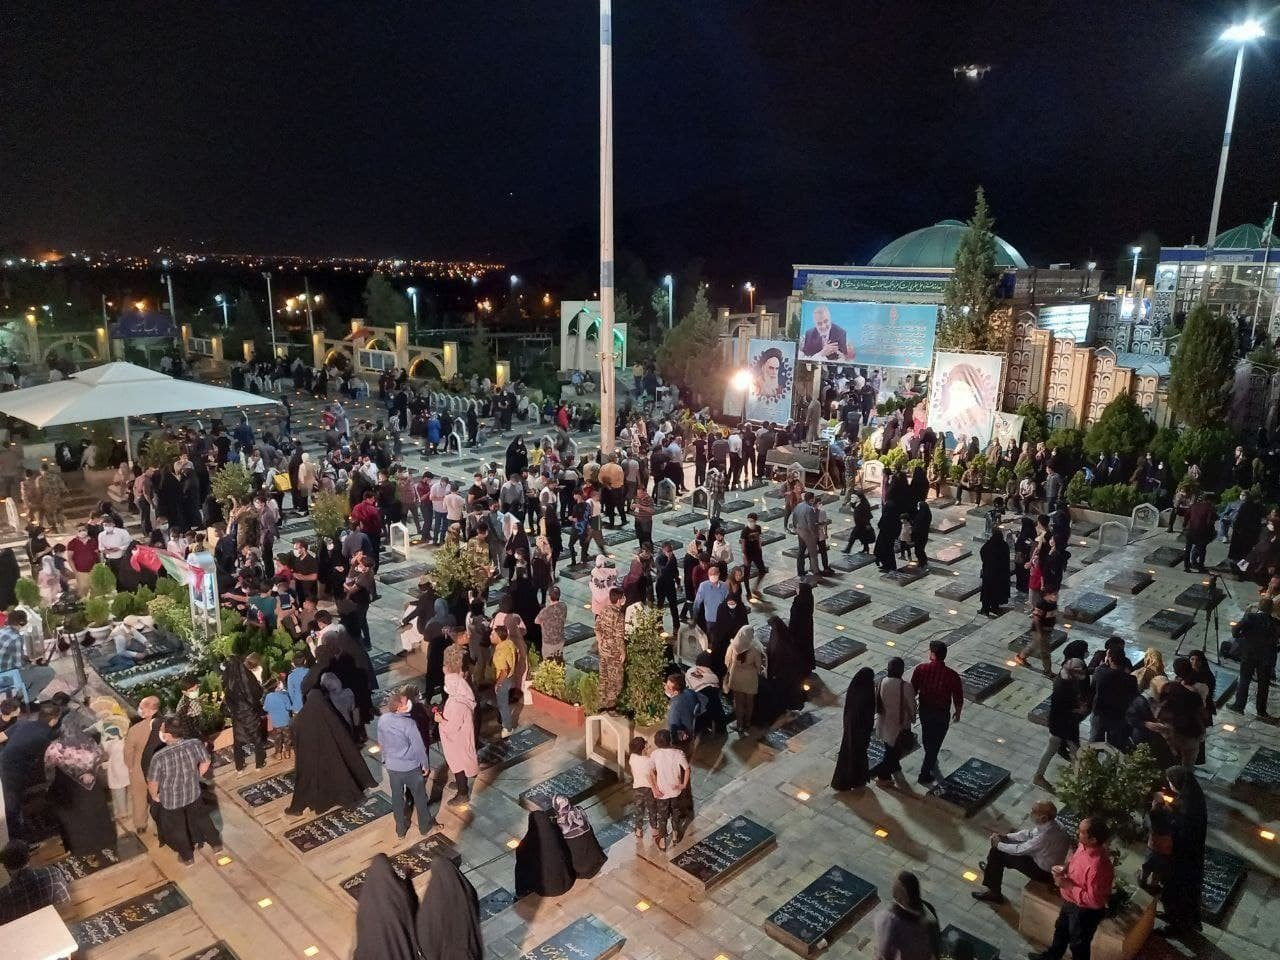 عکس/ ازدحام در جوار مزار حاج قاسم سلیمانی برای رای دادن